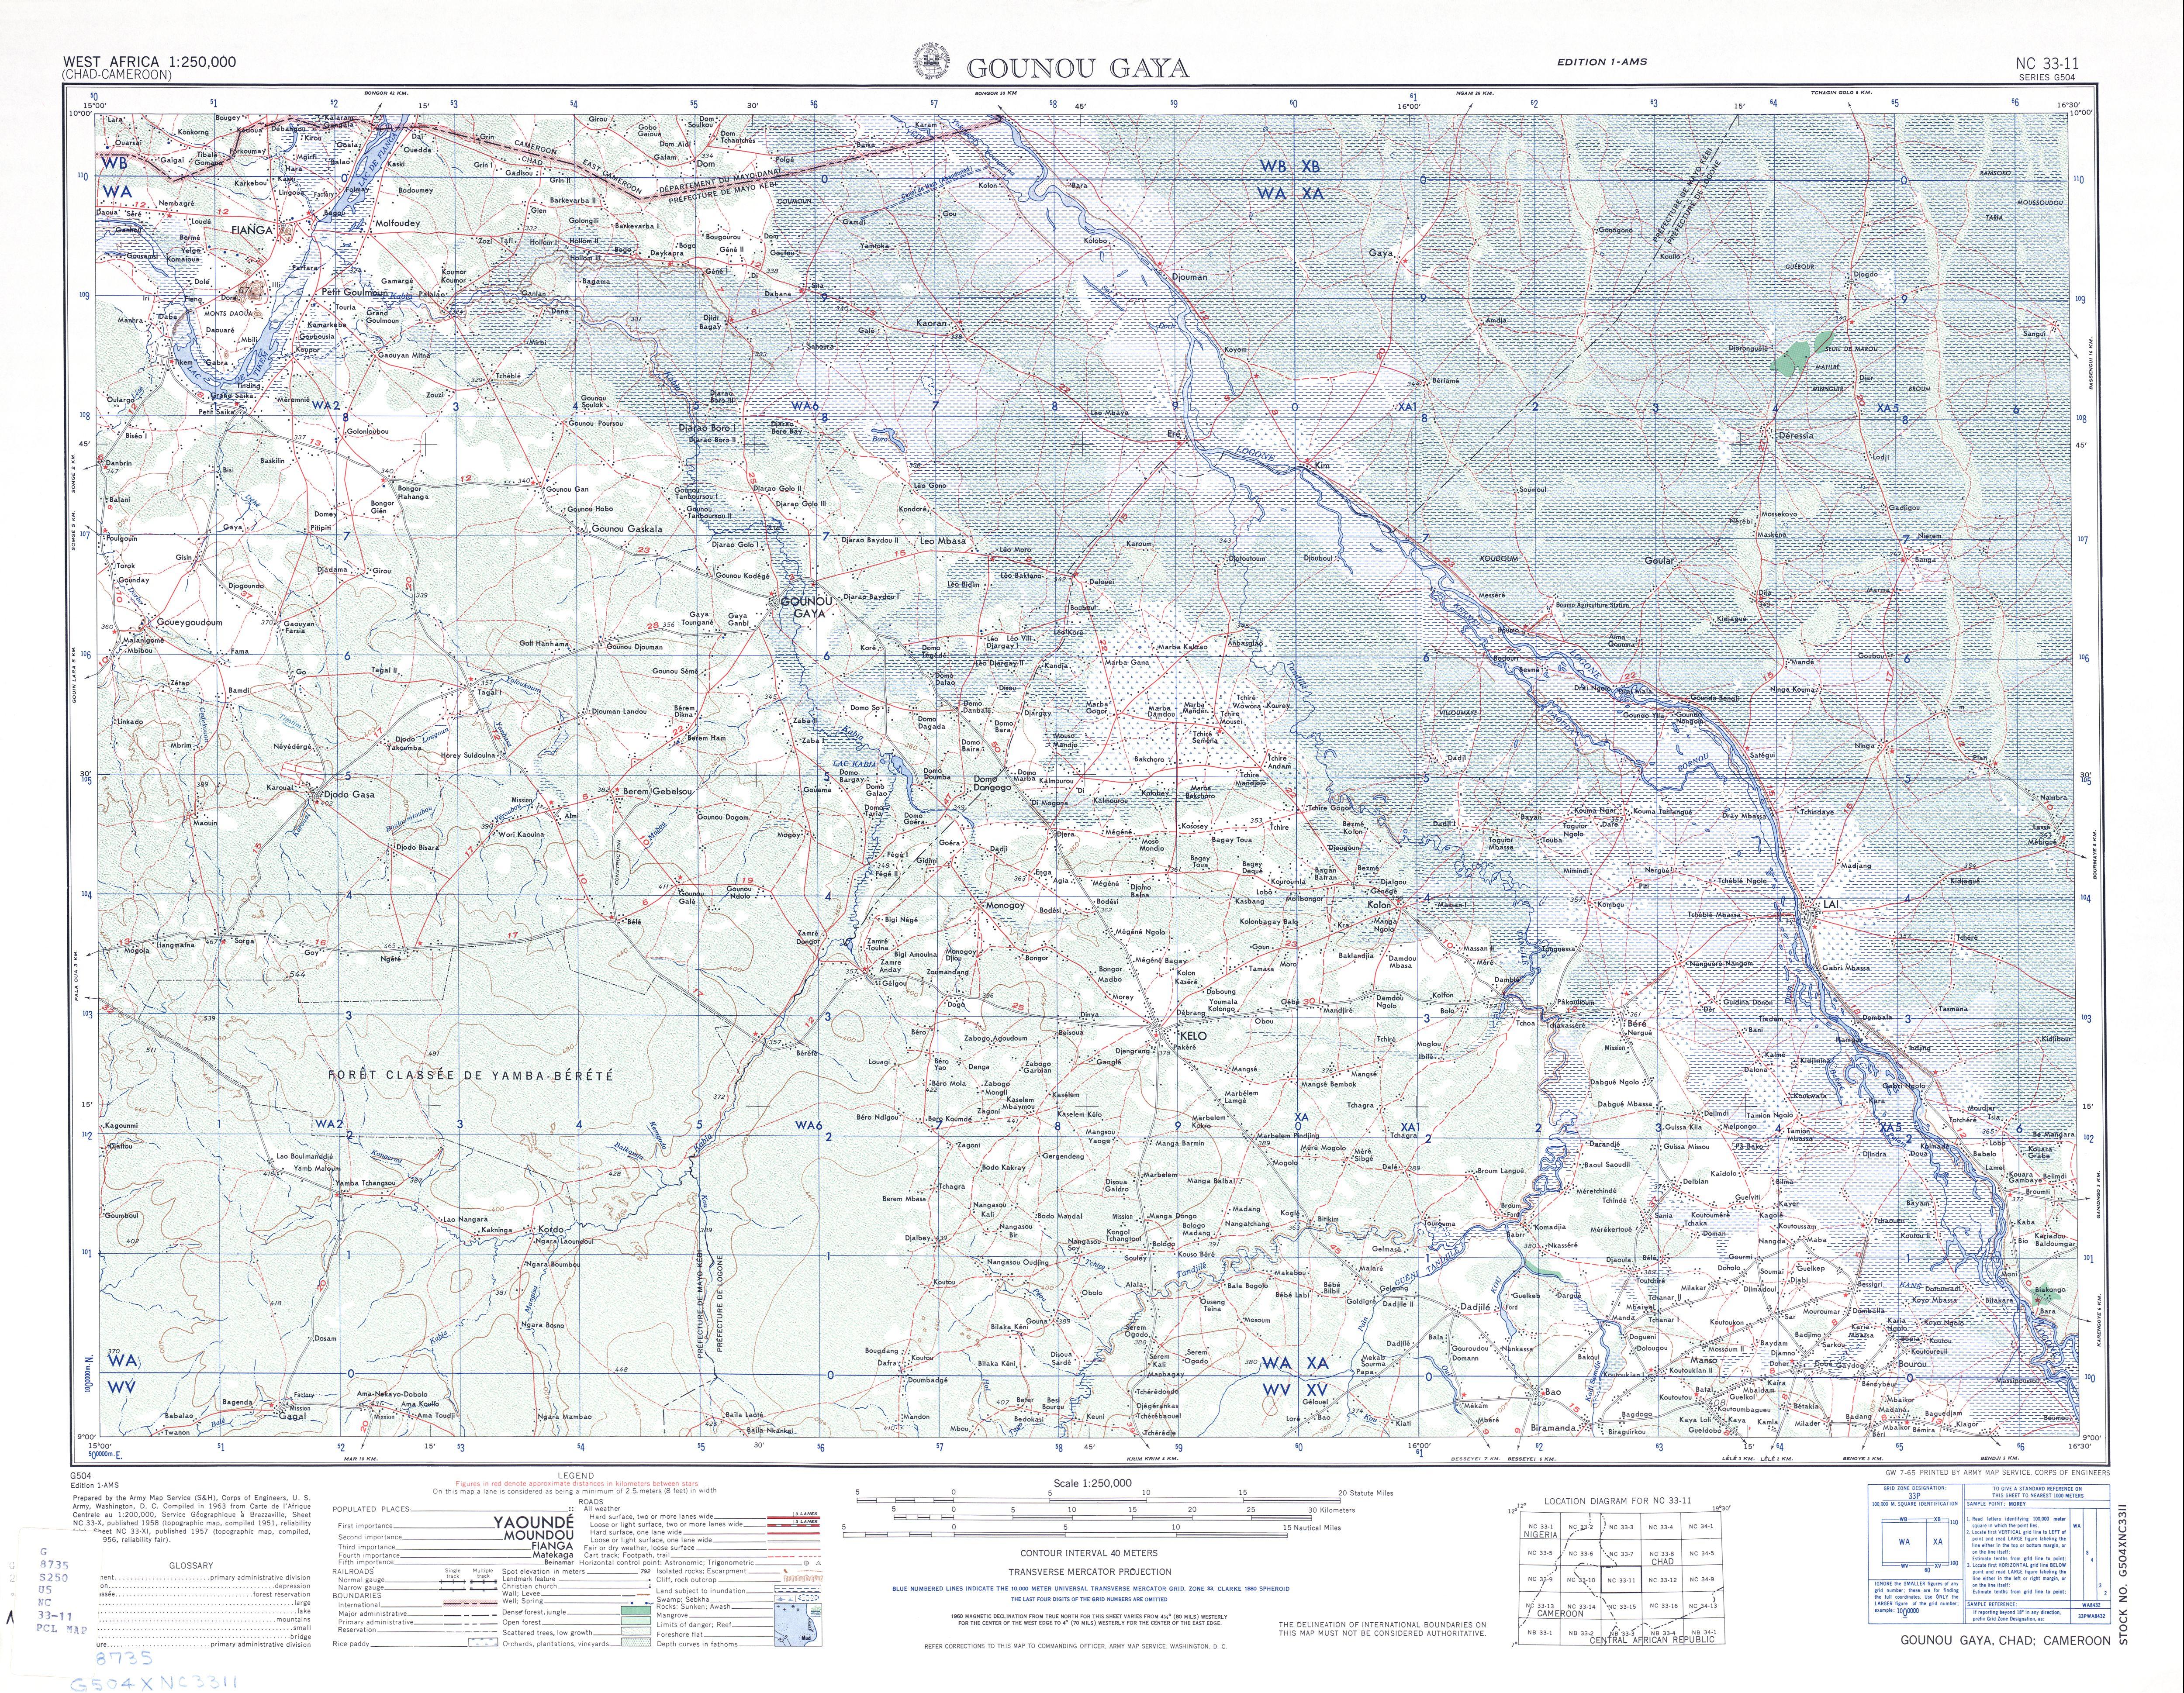 Hoja Gounou Gaya del Mapa Topográfico de África Occidental 1955